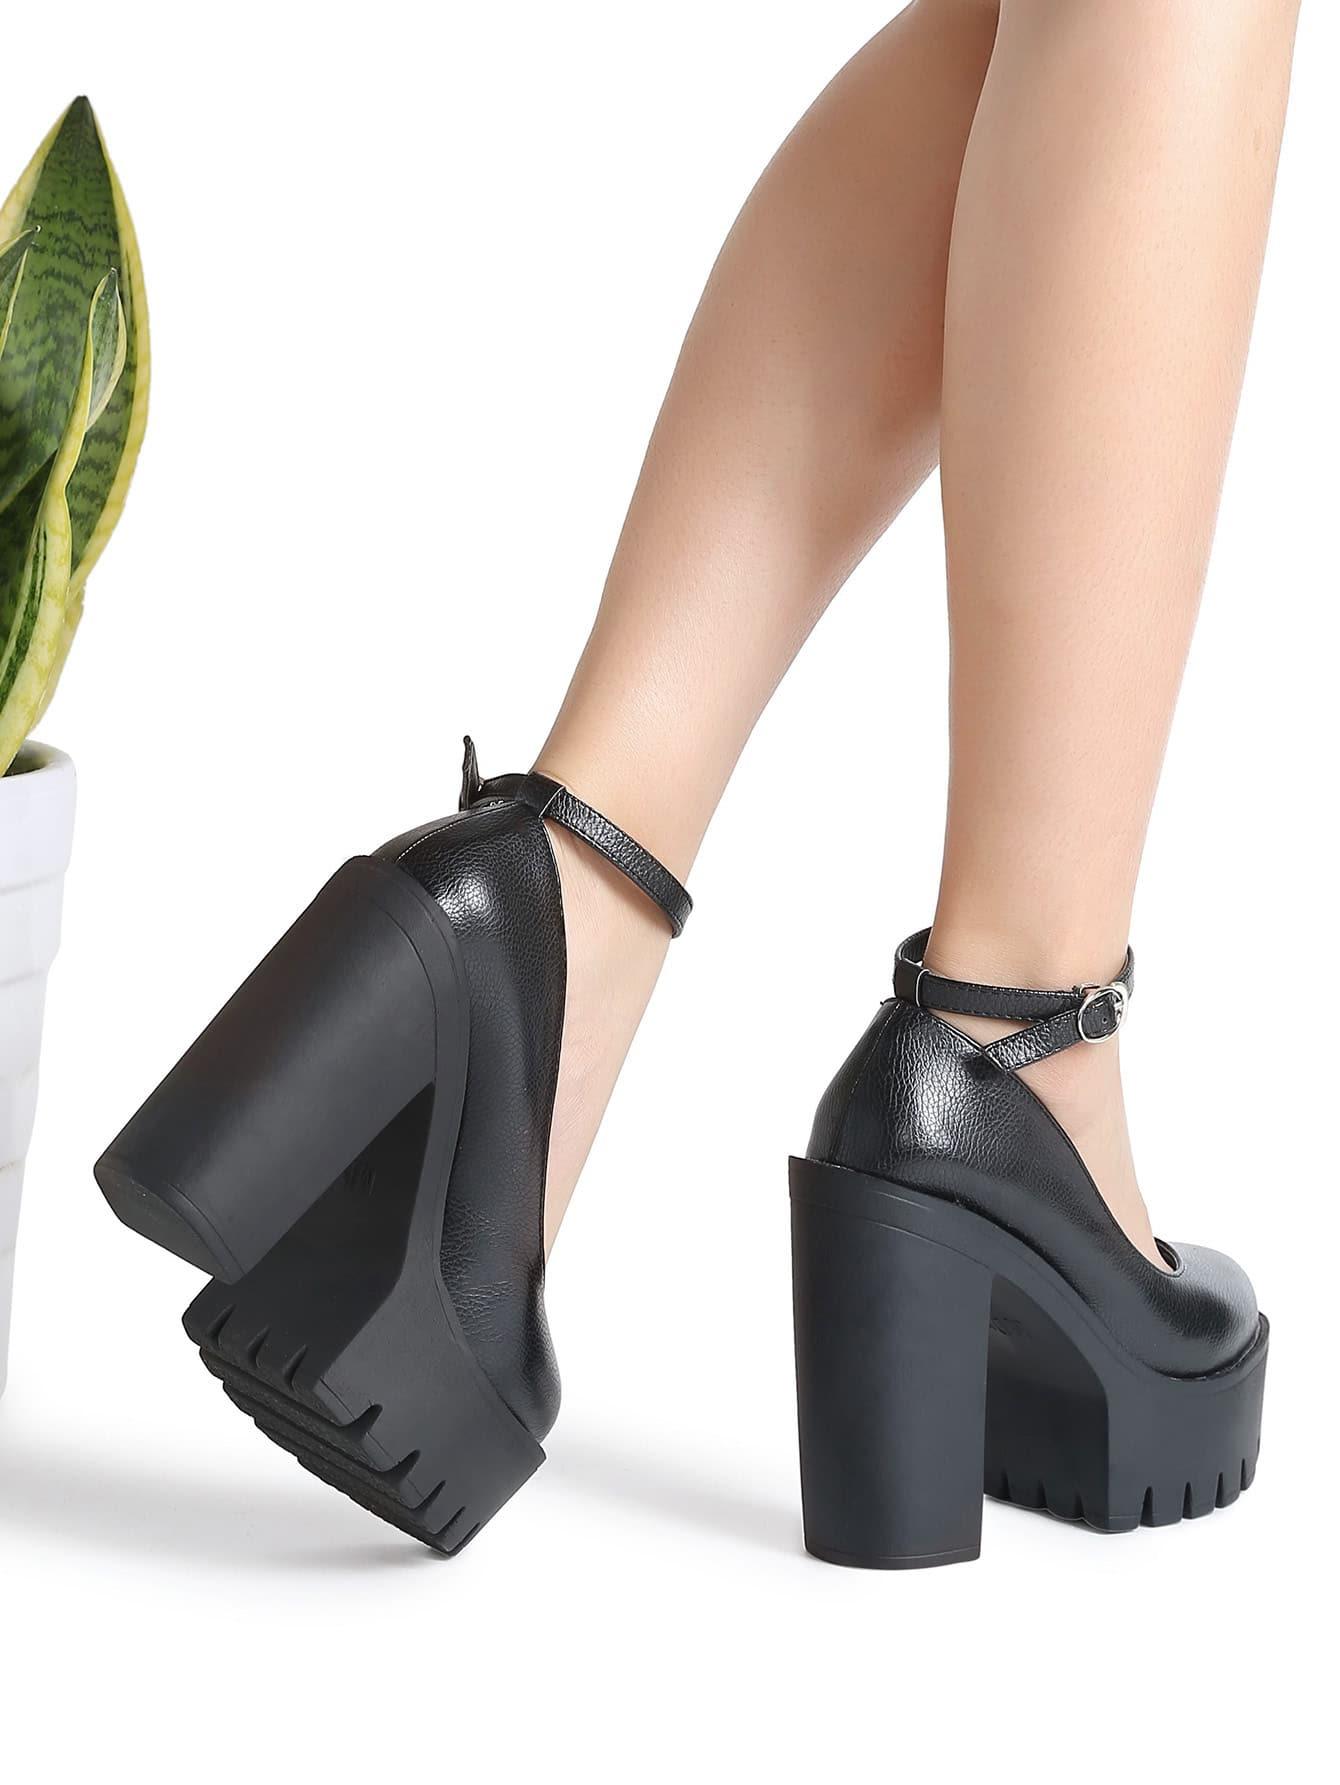 shoes170227801_2